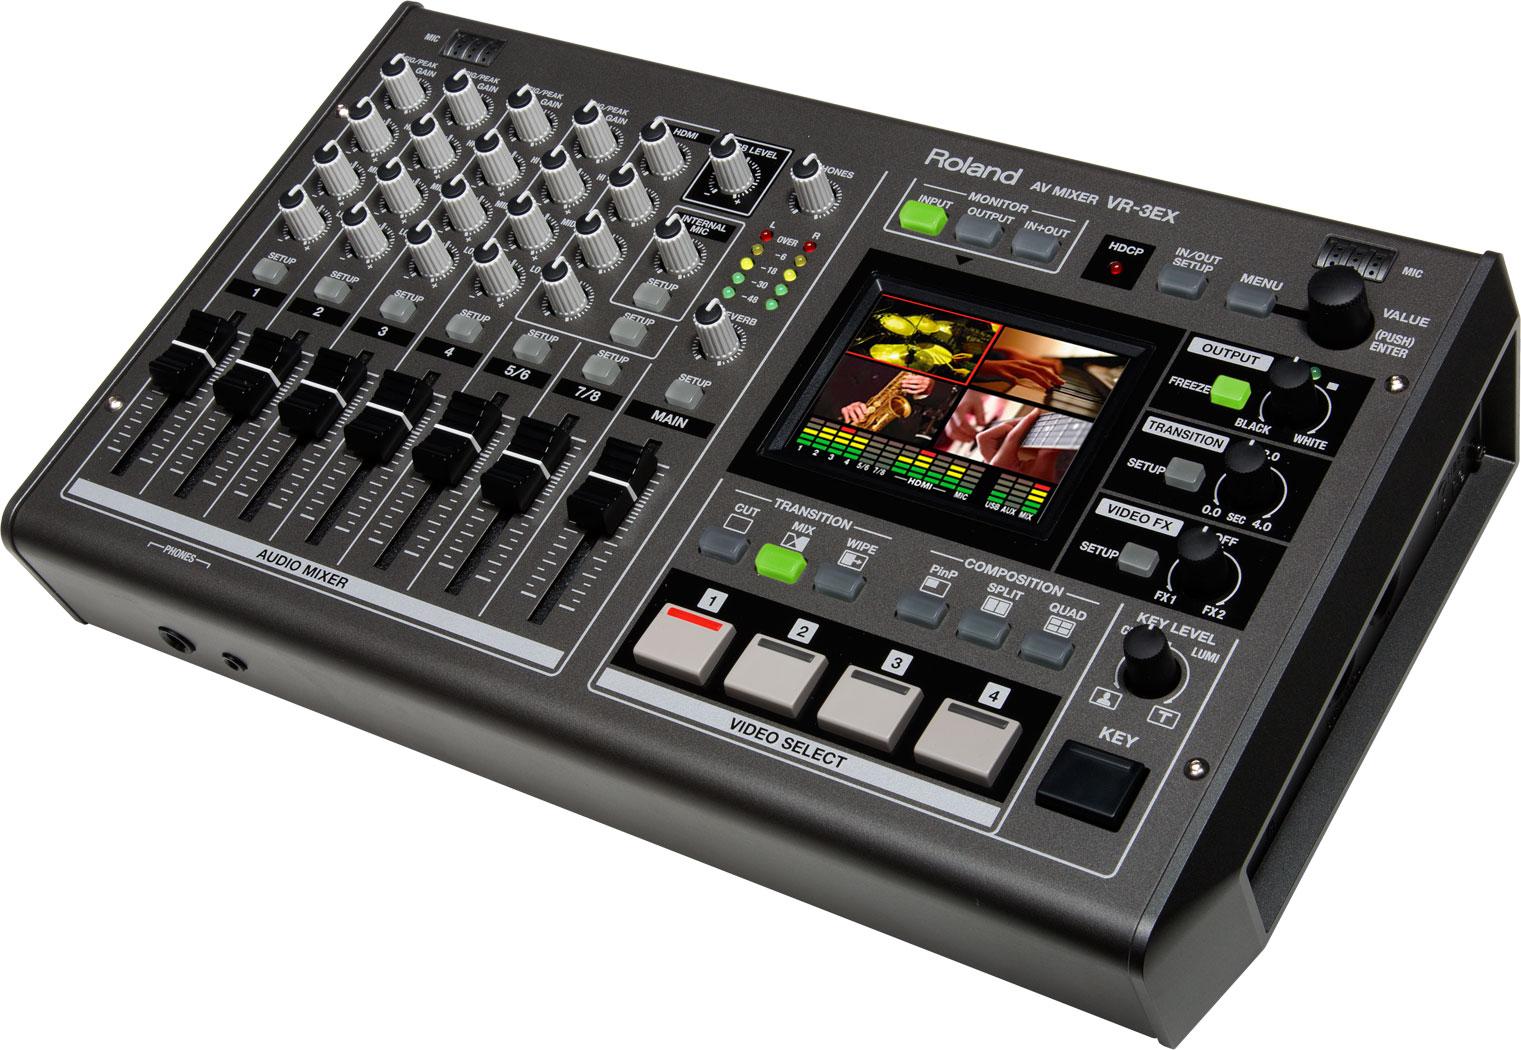 Roland Pro A/V - VR-3EX | AV Mixer